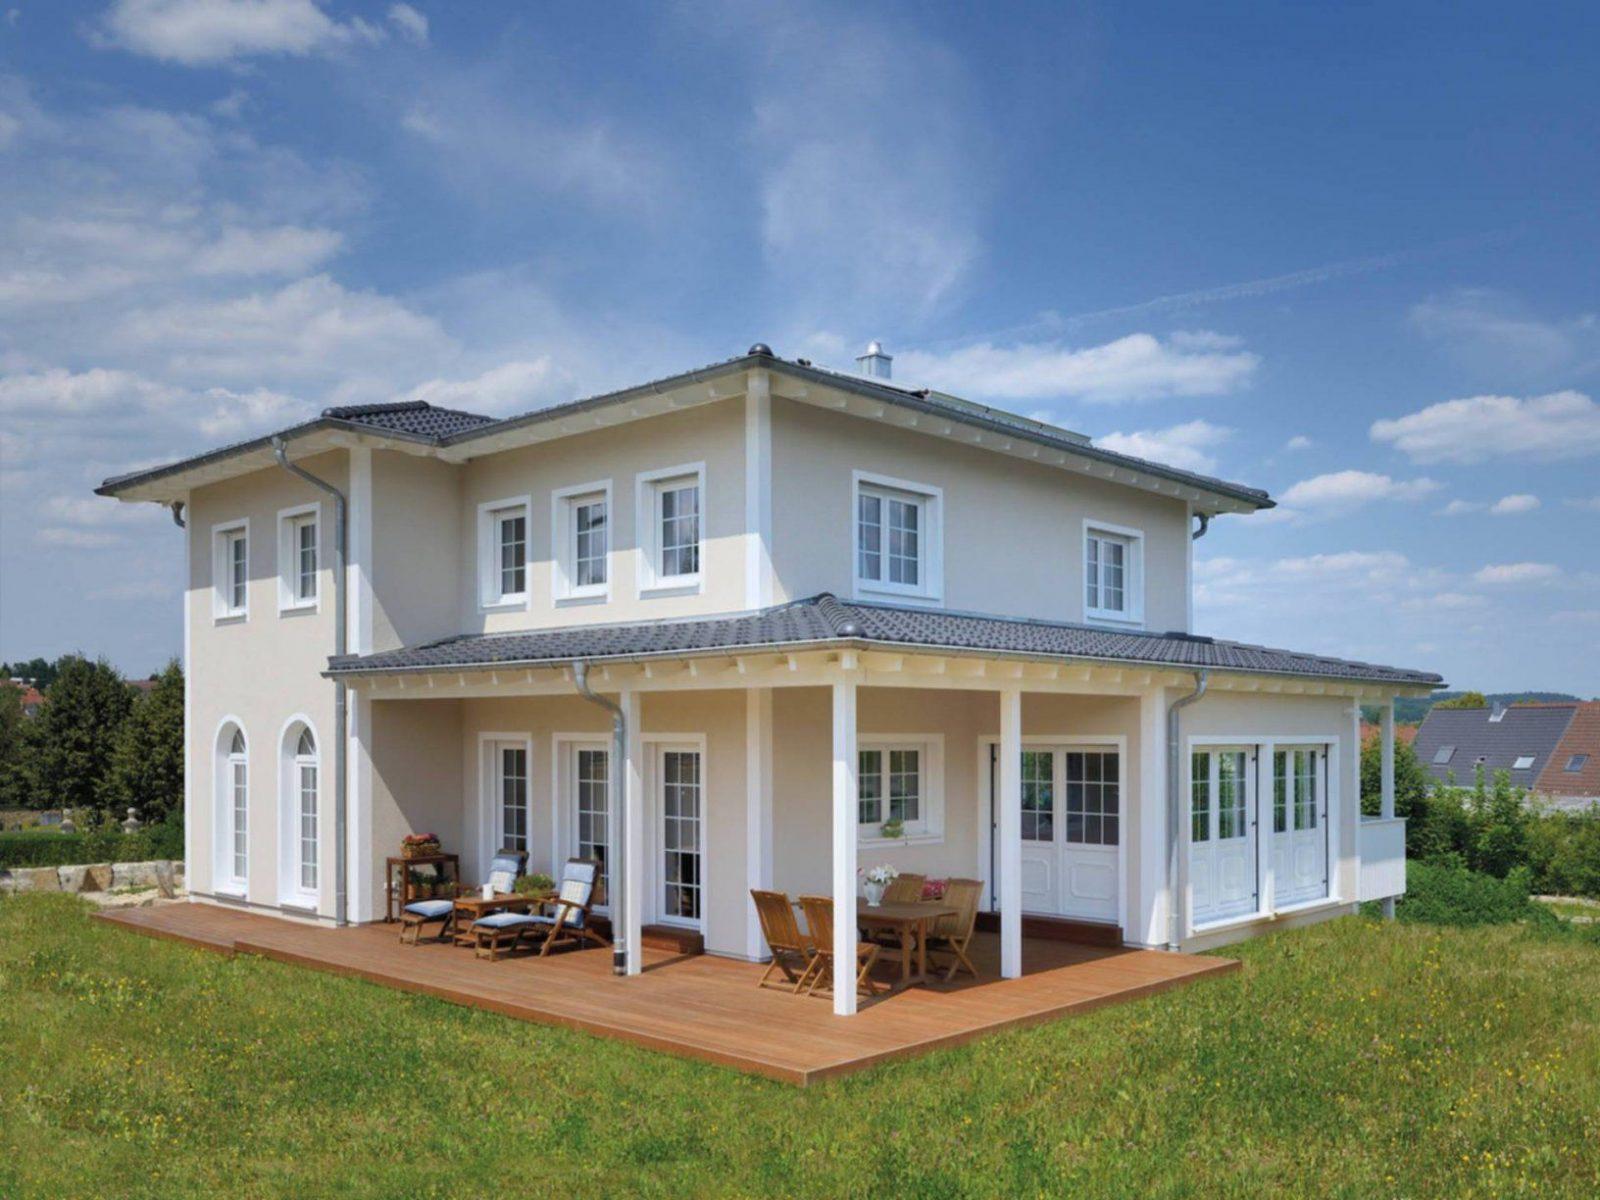 Chic Design Fertighaus Stadtvilla City Villa Schon Ab 169 999 von Kosten Allkauf Haus Schlüsselfertig Bild